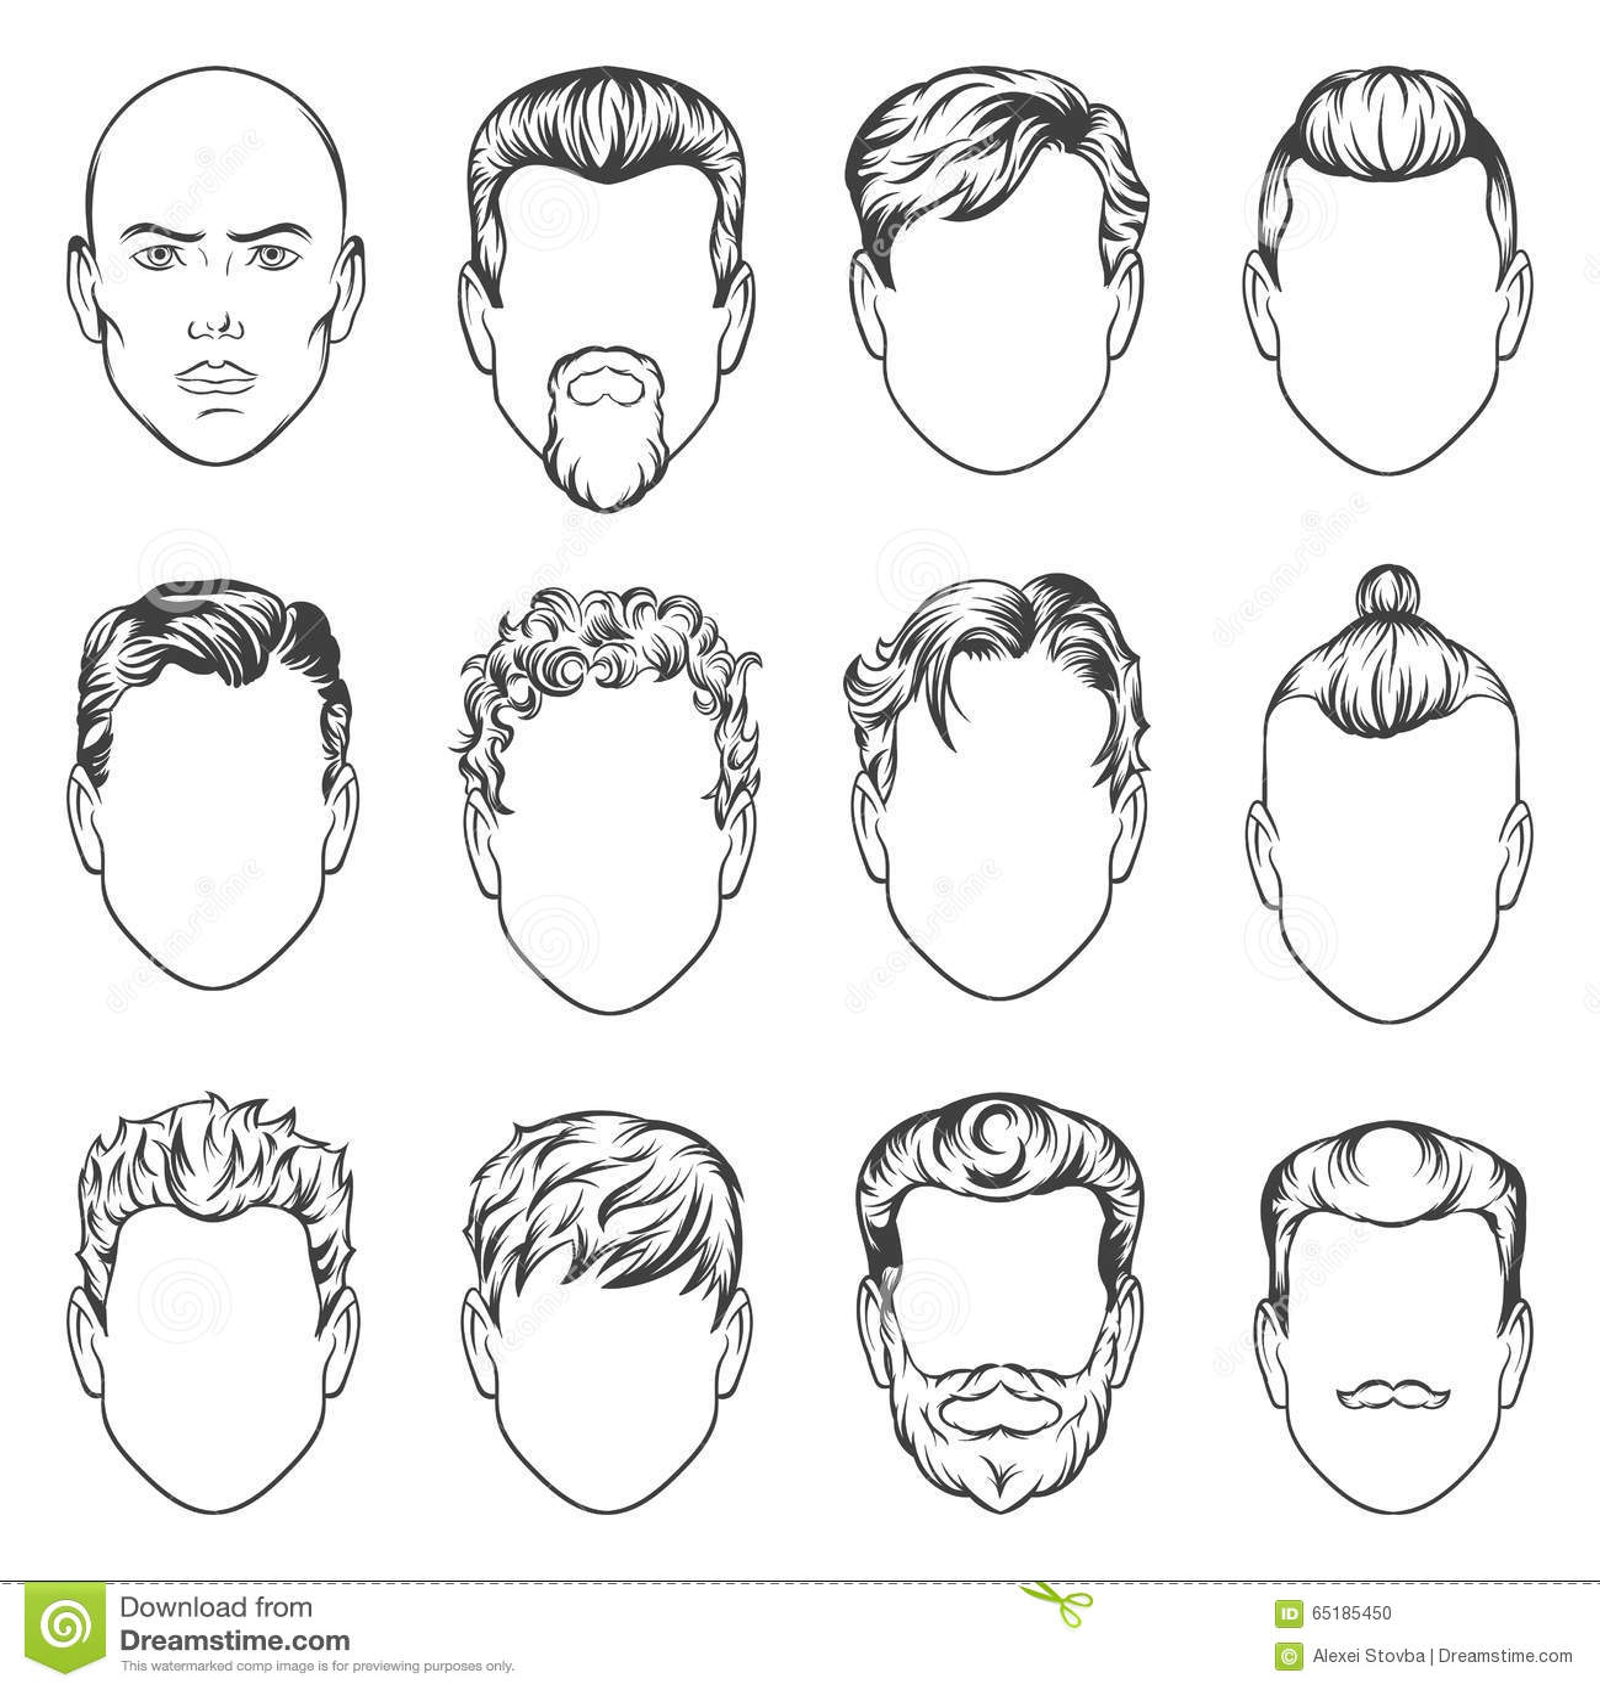 Мужские причёски как нарисовать